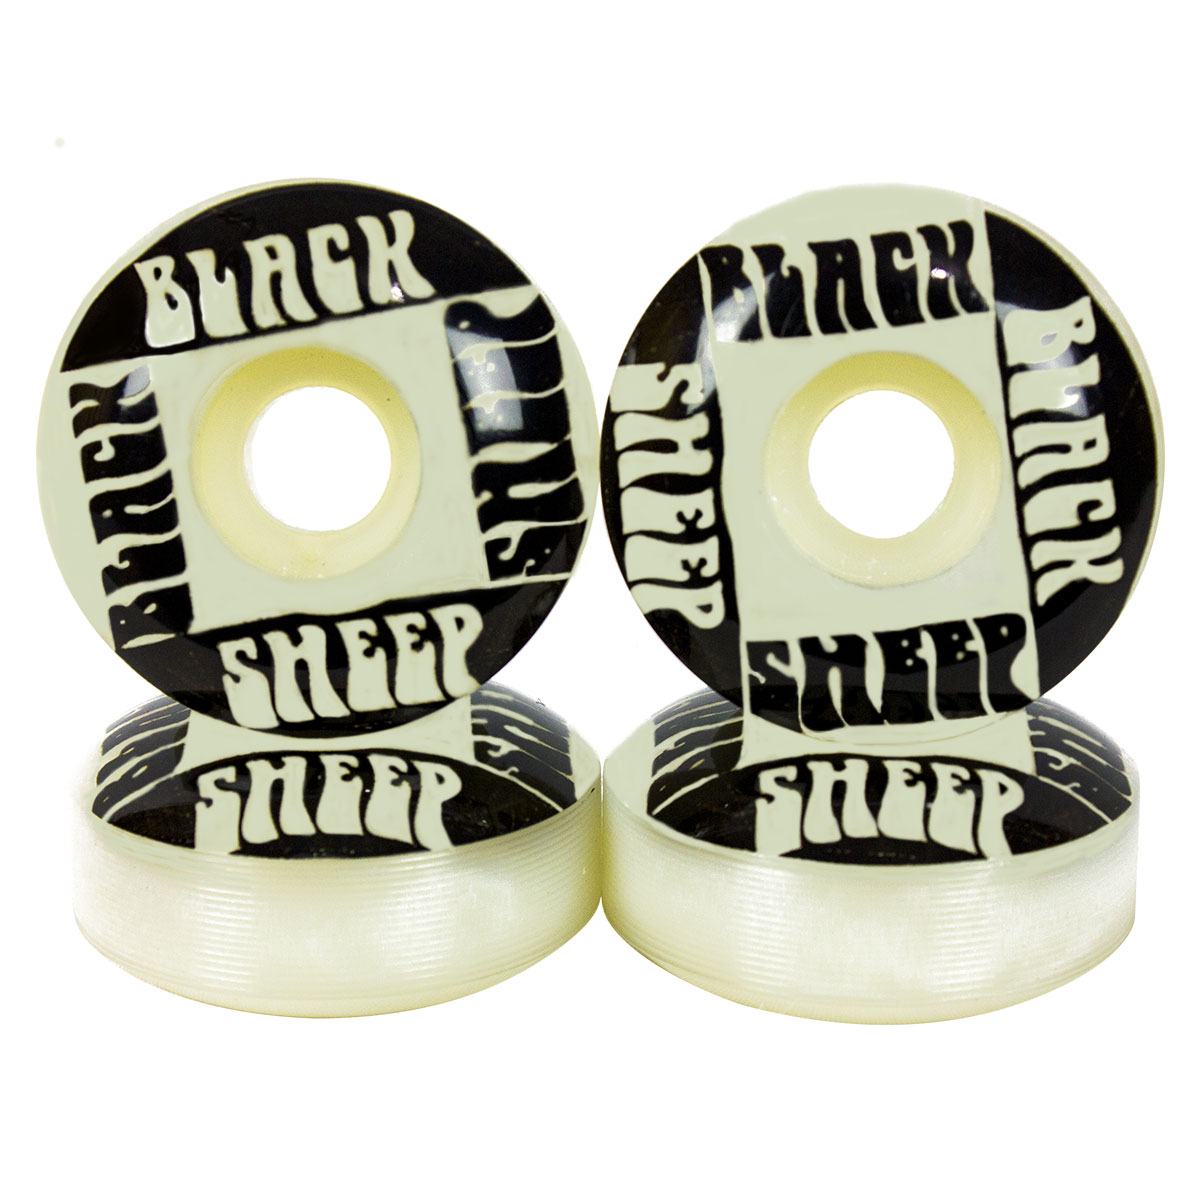 Rodinha Skate Black Sheep 53mm Rolamento BS Reds